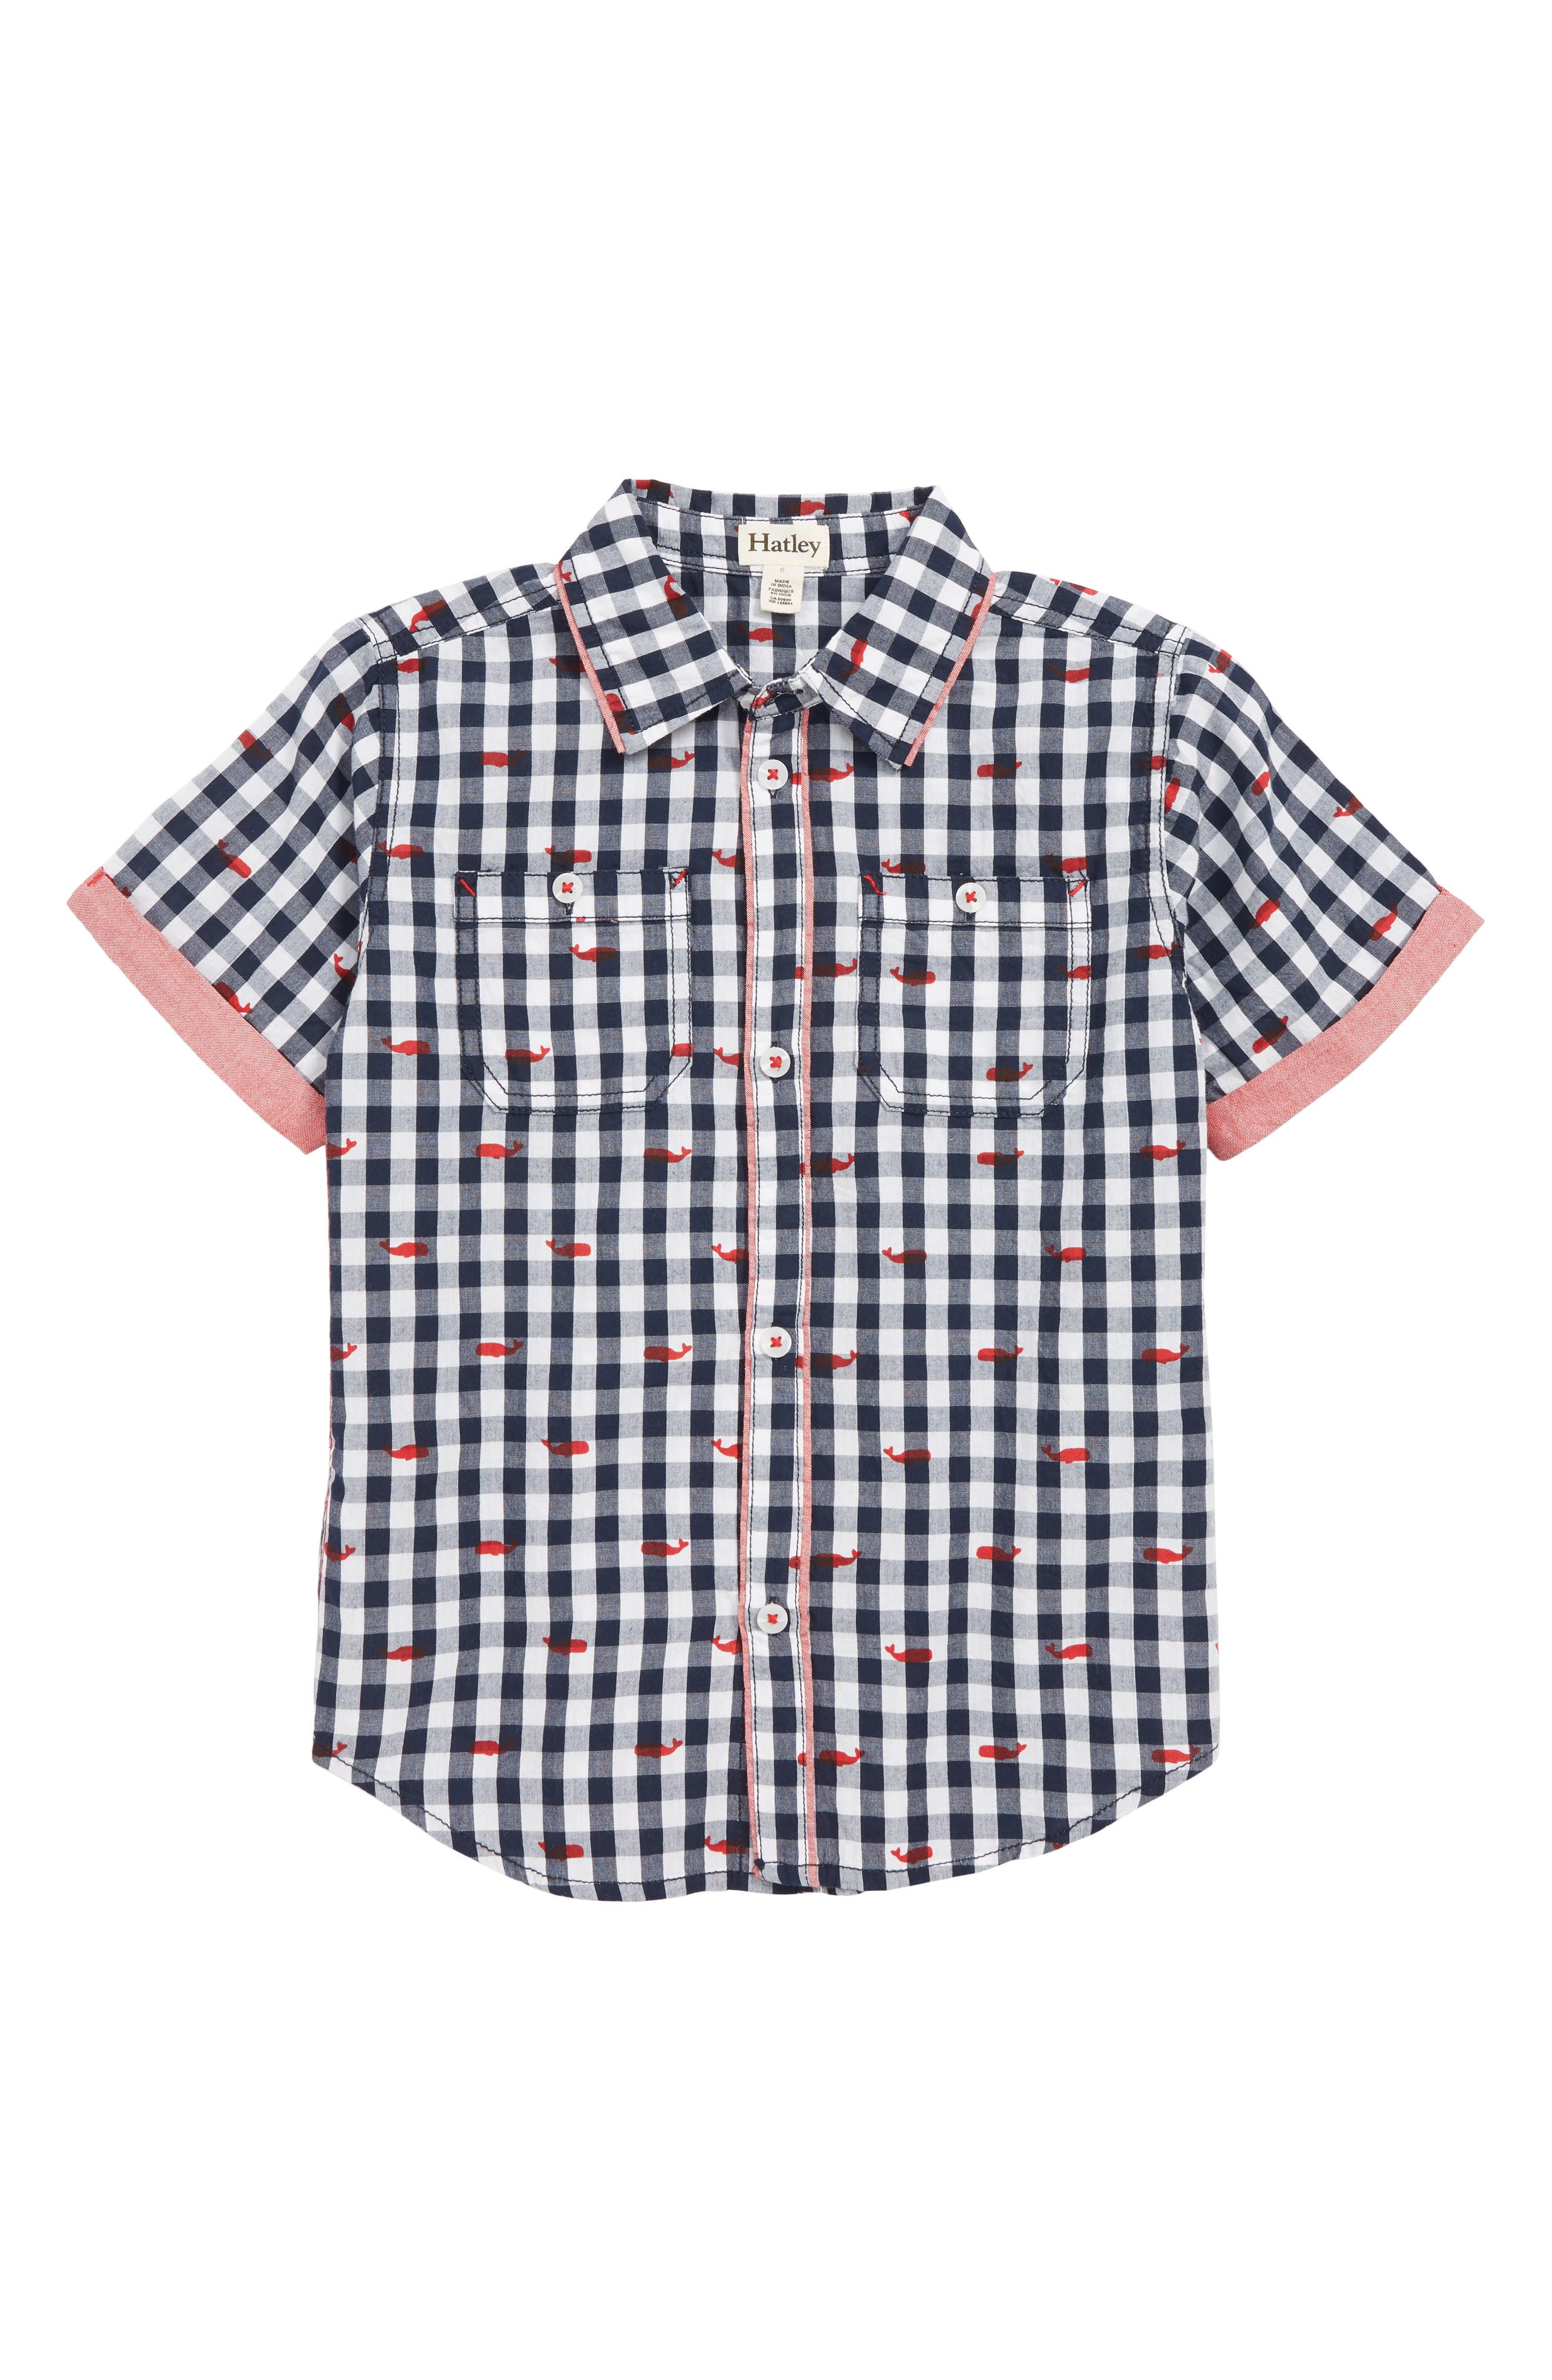 HATLEY, Whale Pod Check Shirt, Main thumbnail 1, color, WHITE